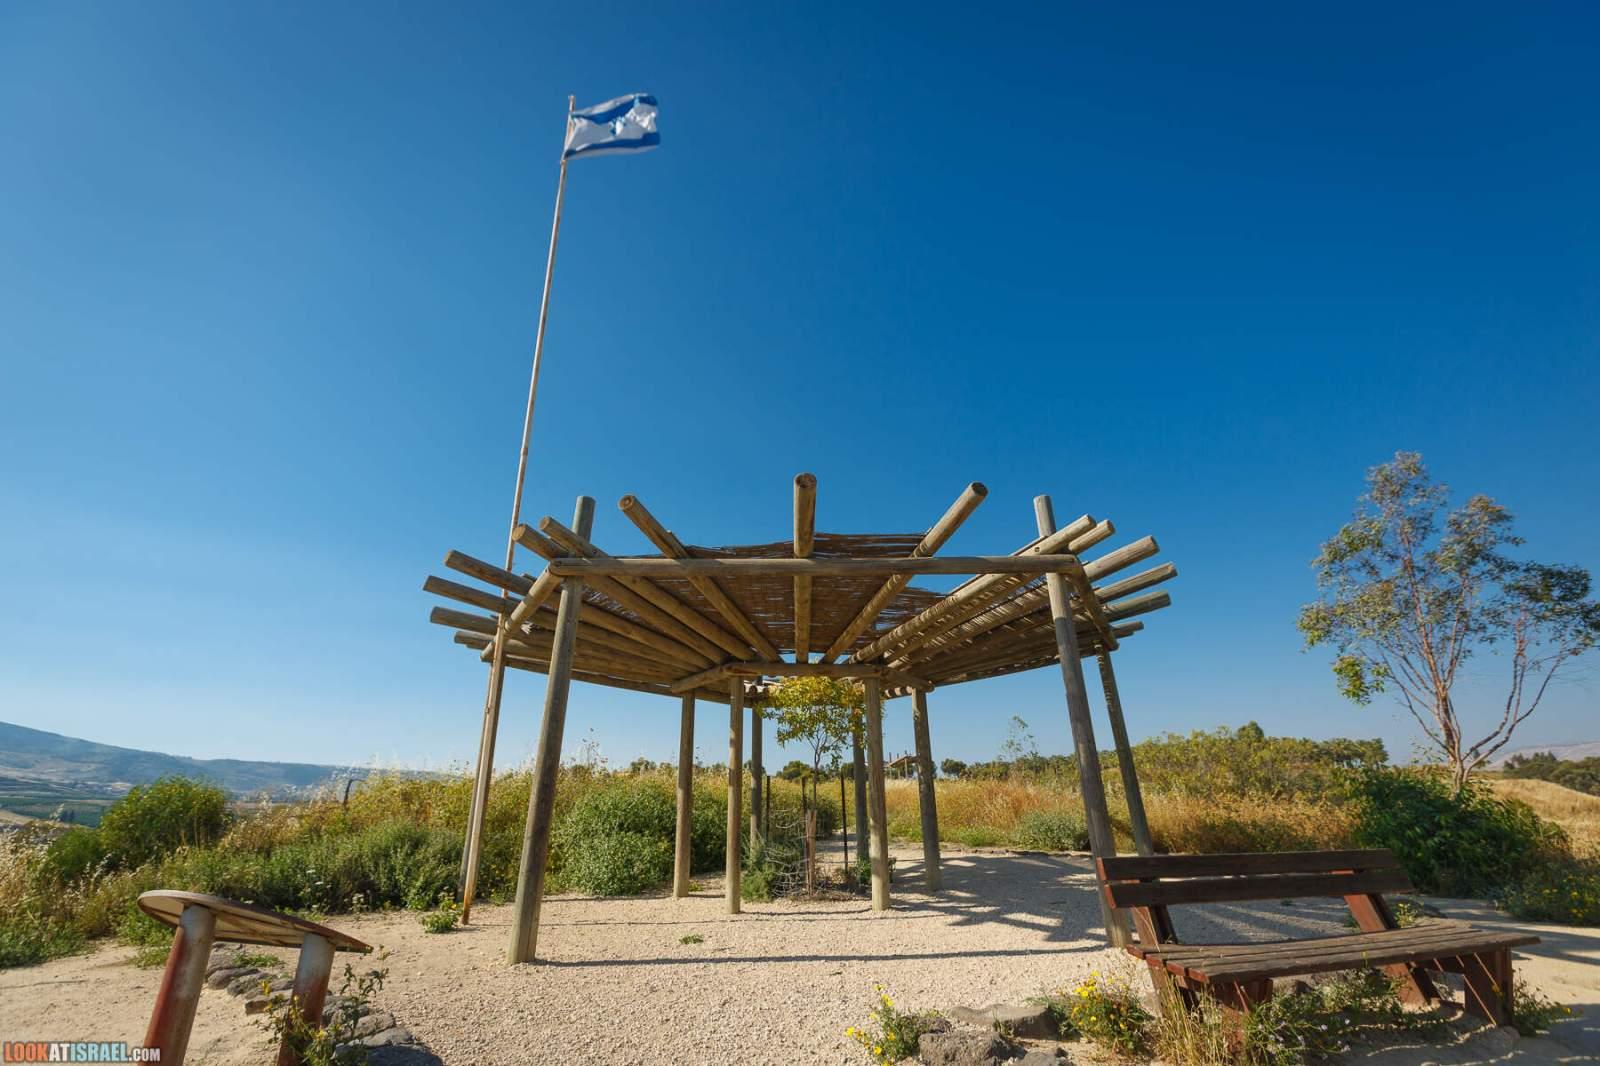 Холм сорванных цветов - Мемориал памяти убитым школьницам в Наараим | LookAtIsrael.com - Фото путешествия по Израилю